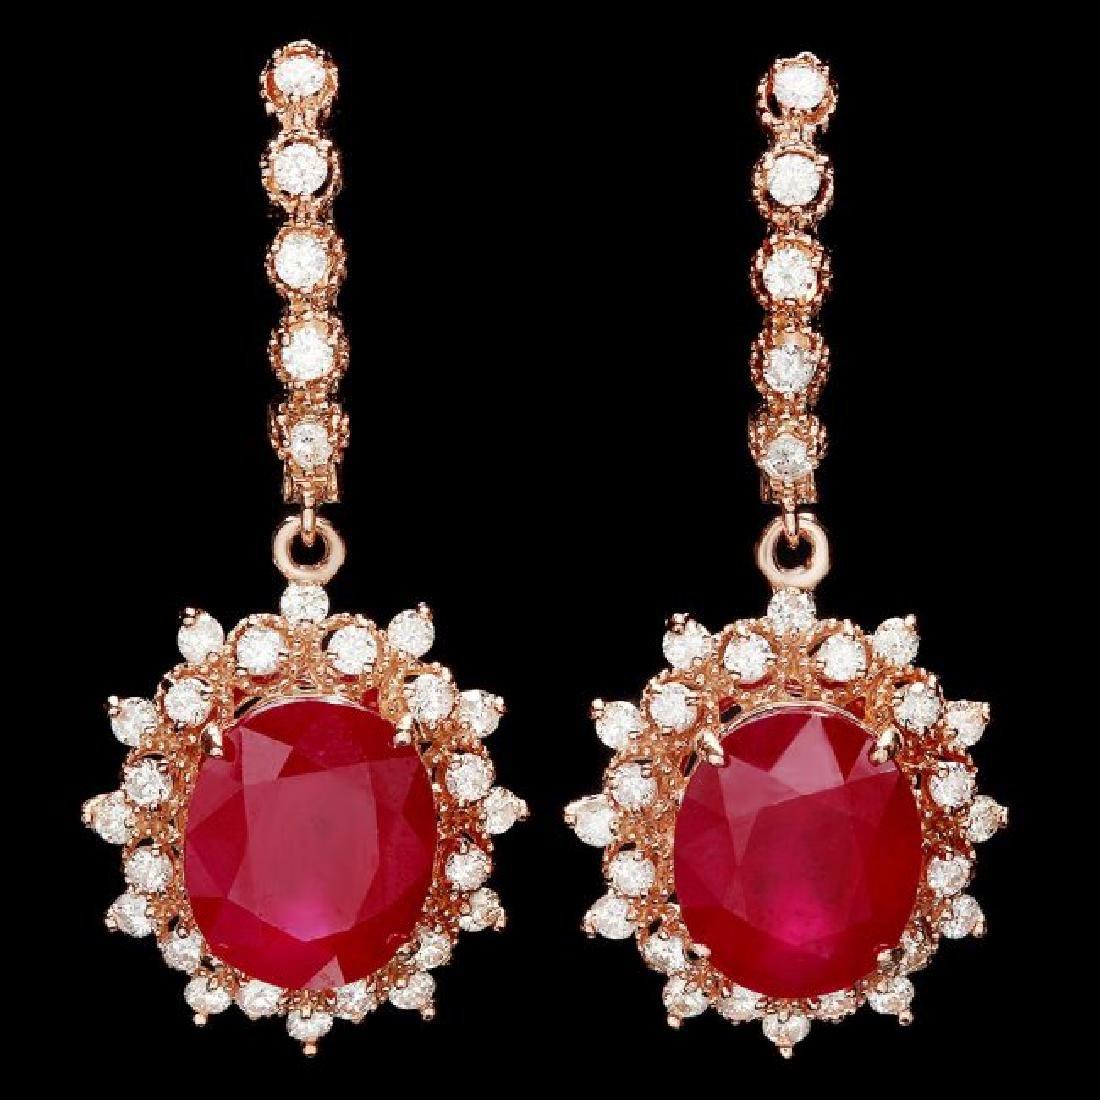 14k Rose 14.00ct Ruby 1.55ct Diamond Earrings